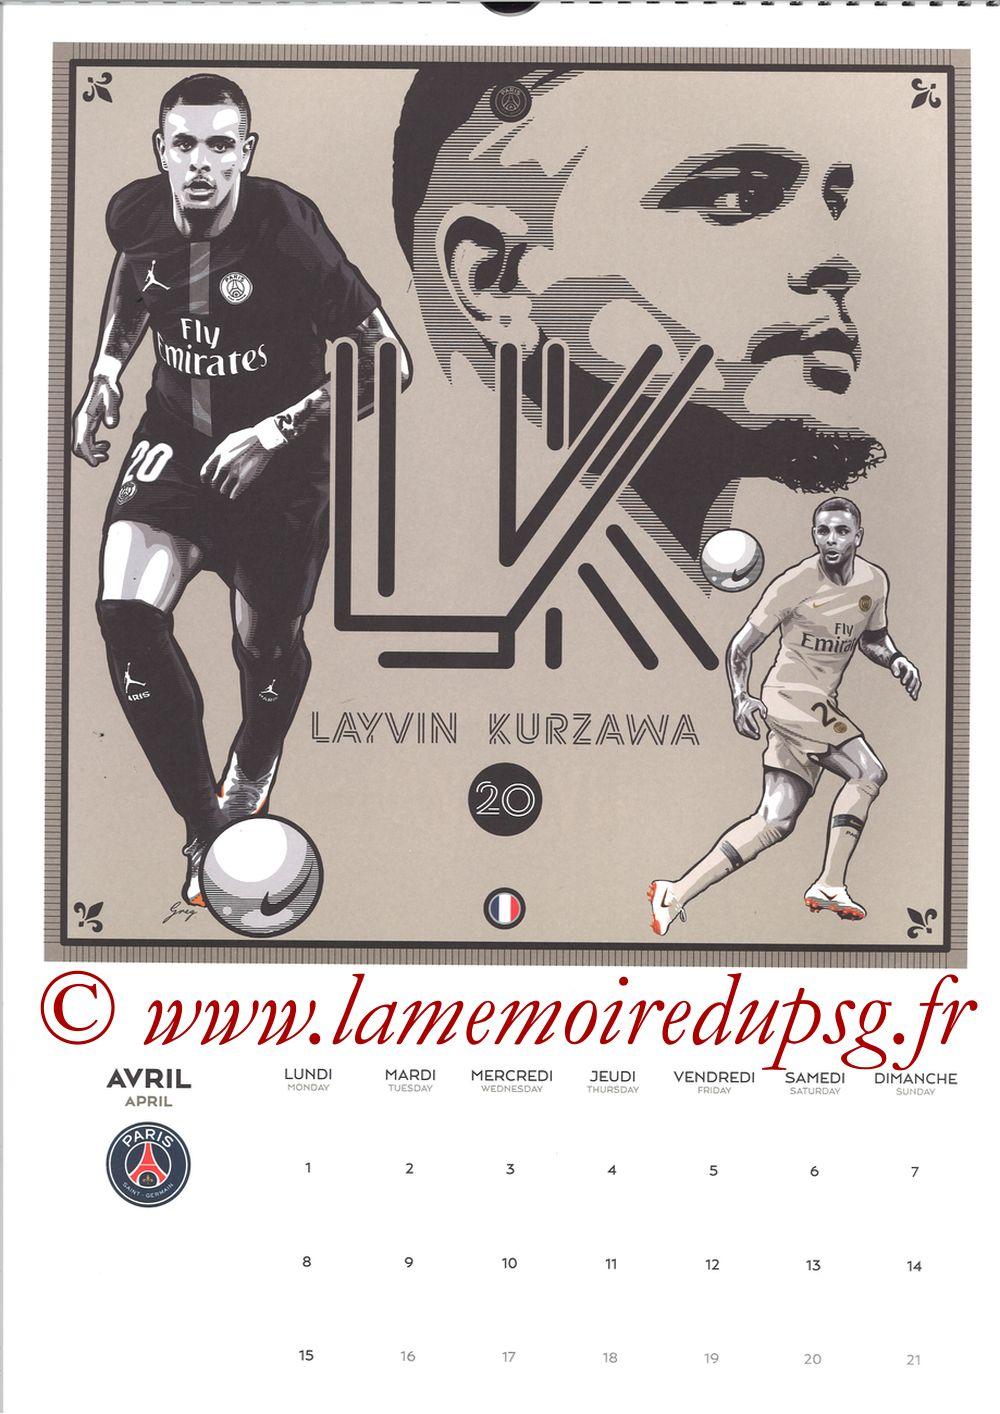 Calendrier PSG 2019 - Page 07 - Layvin KURZAWA